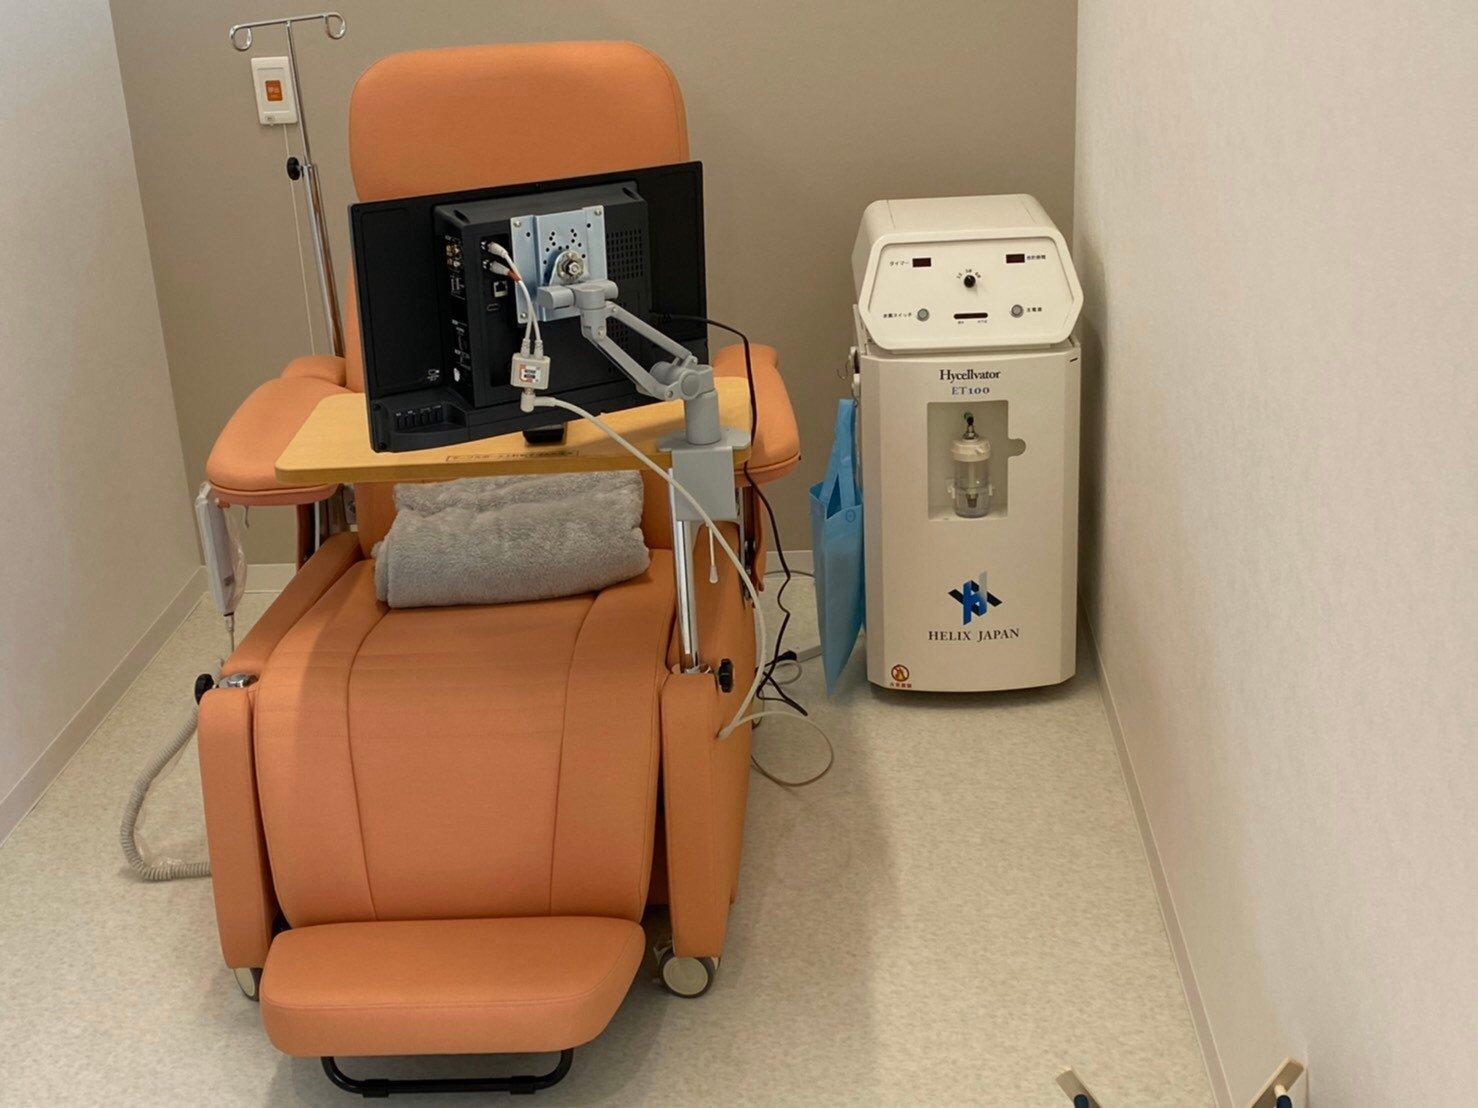 免疫統合醫療醫院 氫美機ET-100專屬診療室